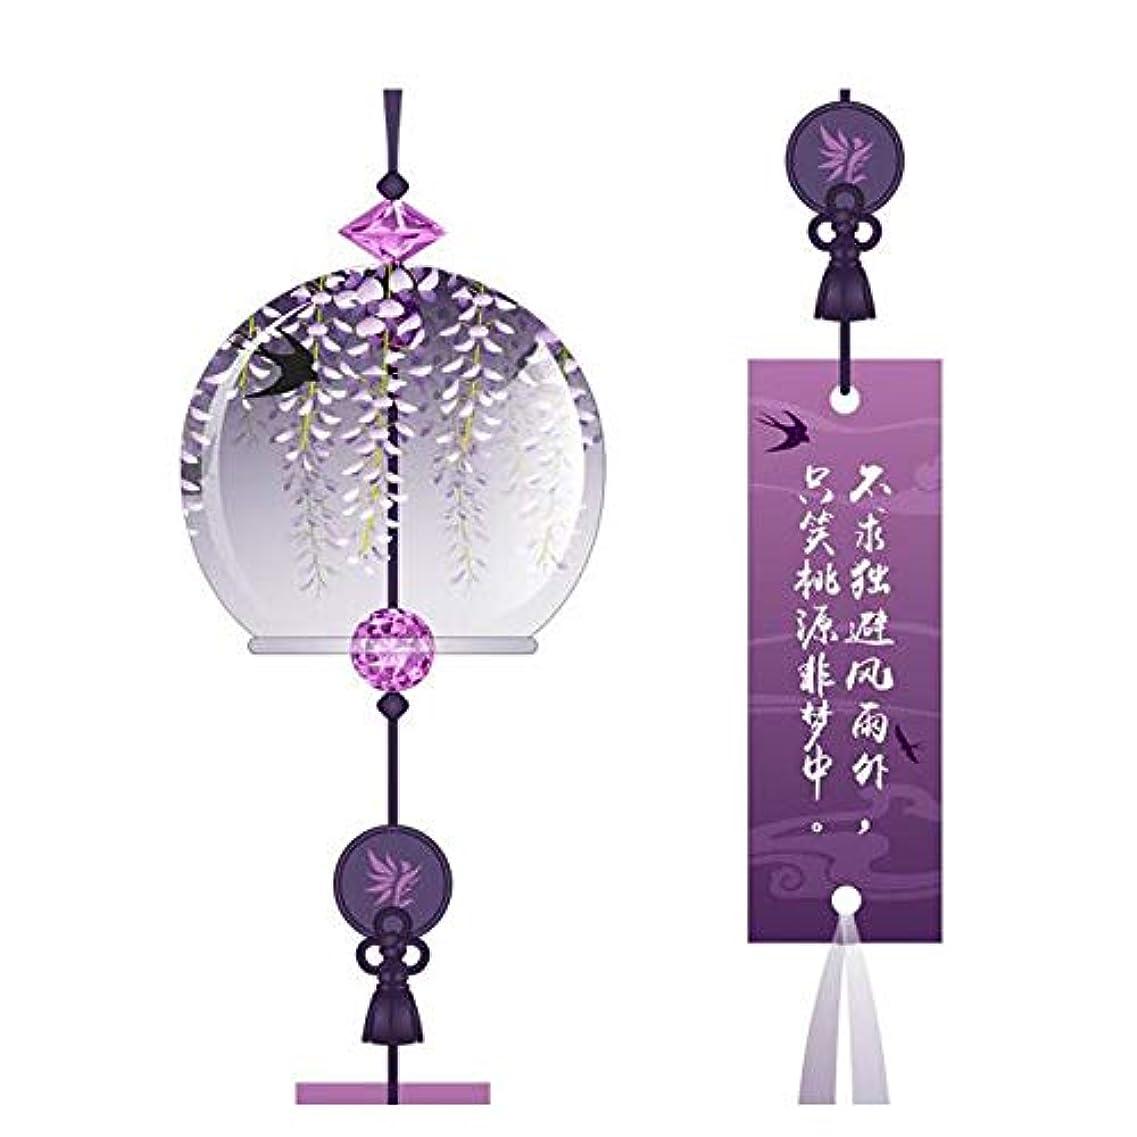 つぼみ物語タオルQiyuezhuangshi 風チャイム、クリスタルクリアガラスの風チャイム、グリーン、全身について31センチメートル,美しいホリデーギフト (Color : Purple-A)